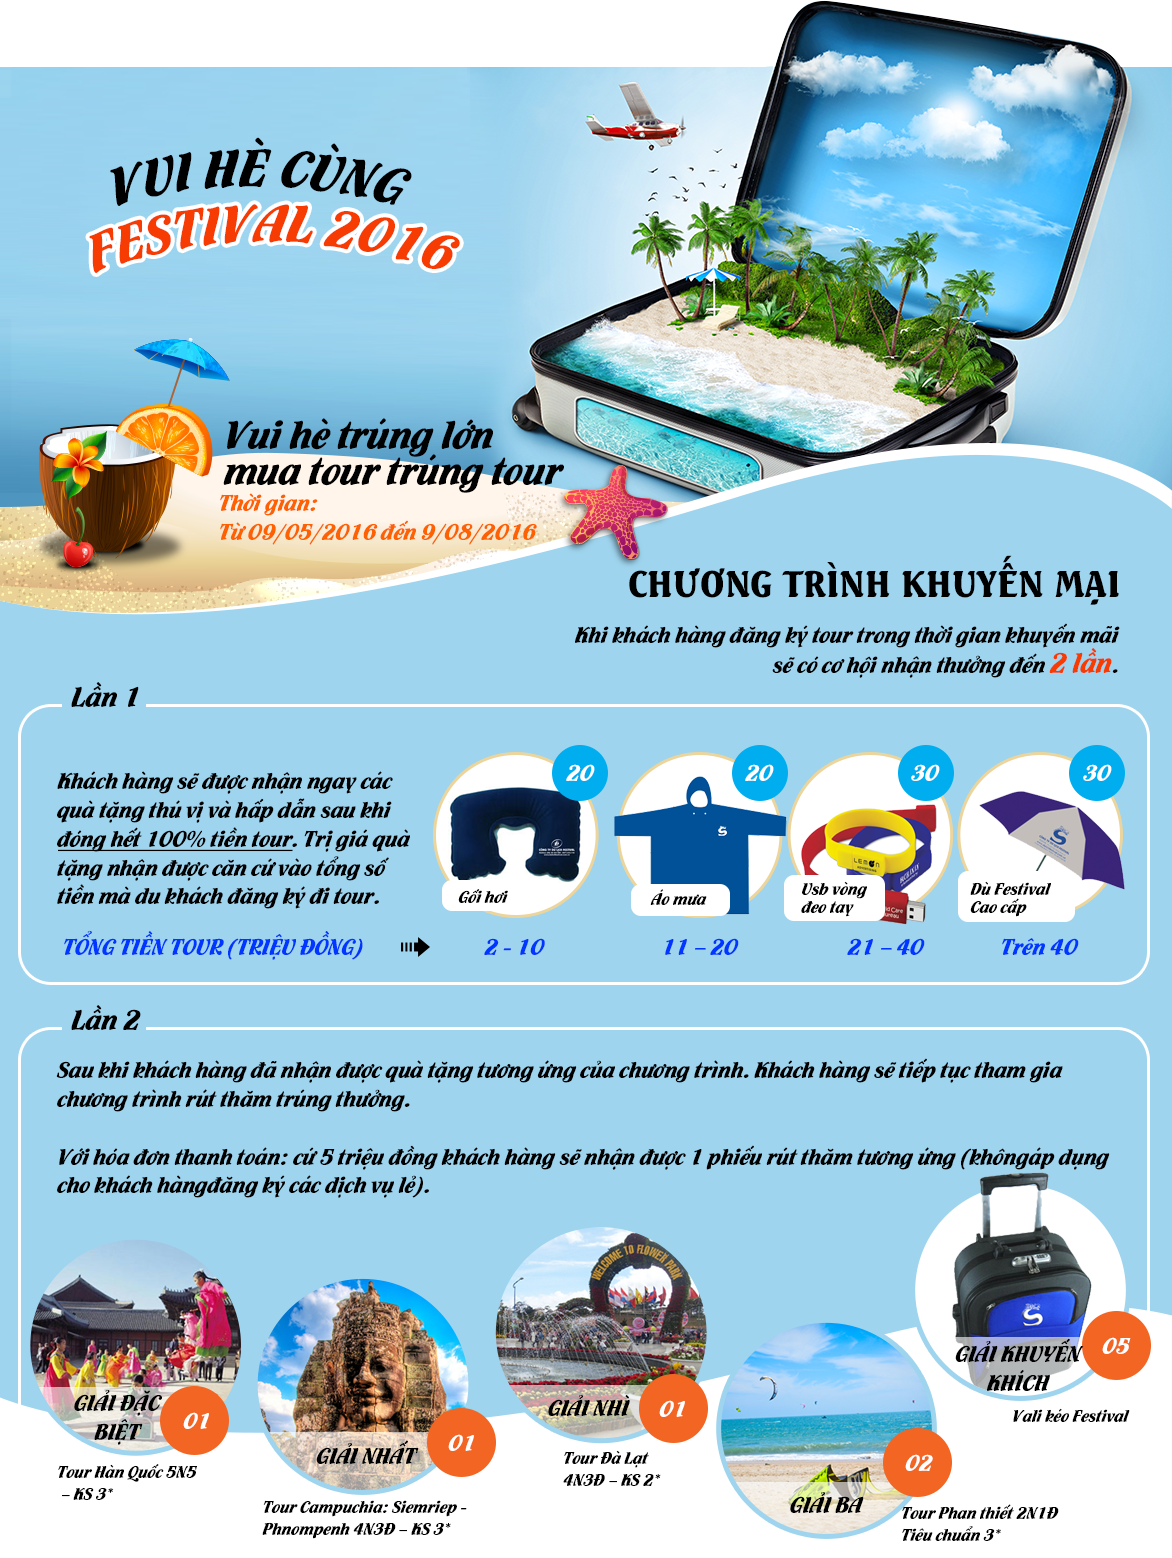 Vui hè cùng Festival 2016